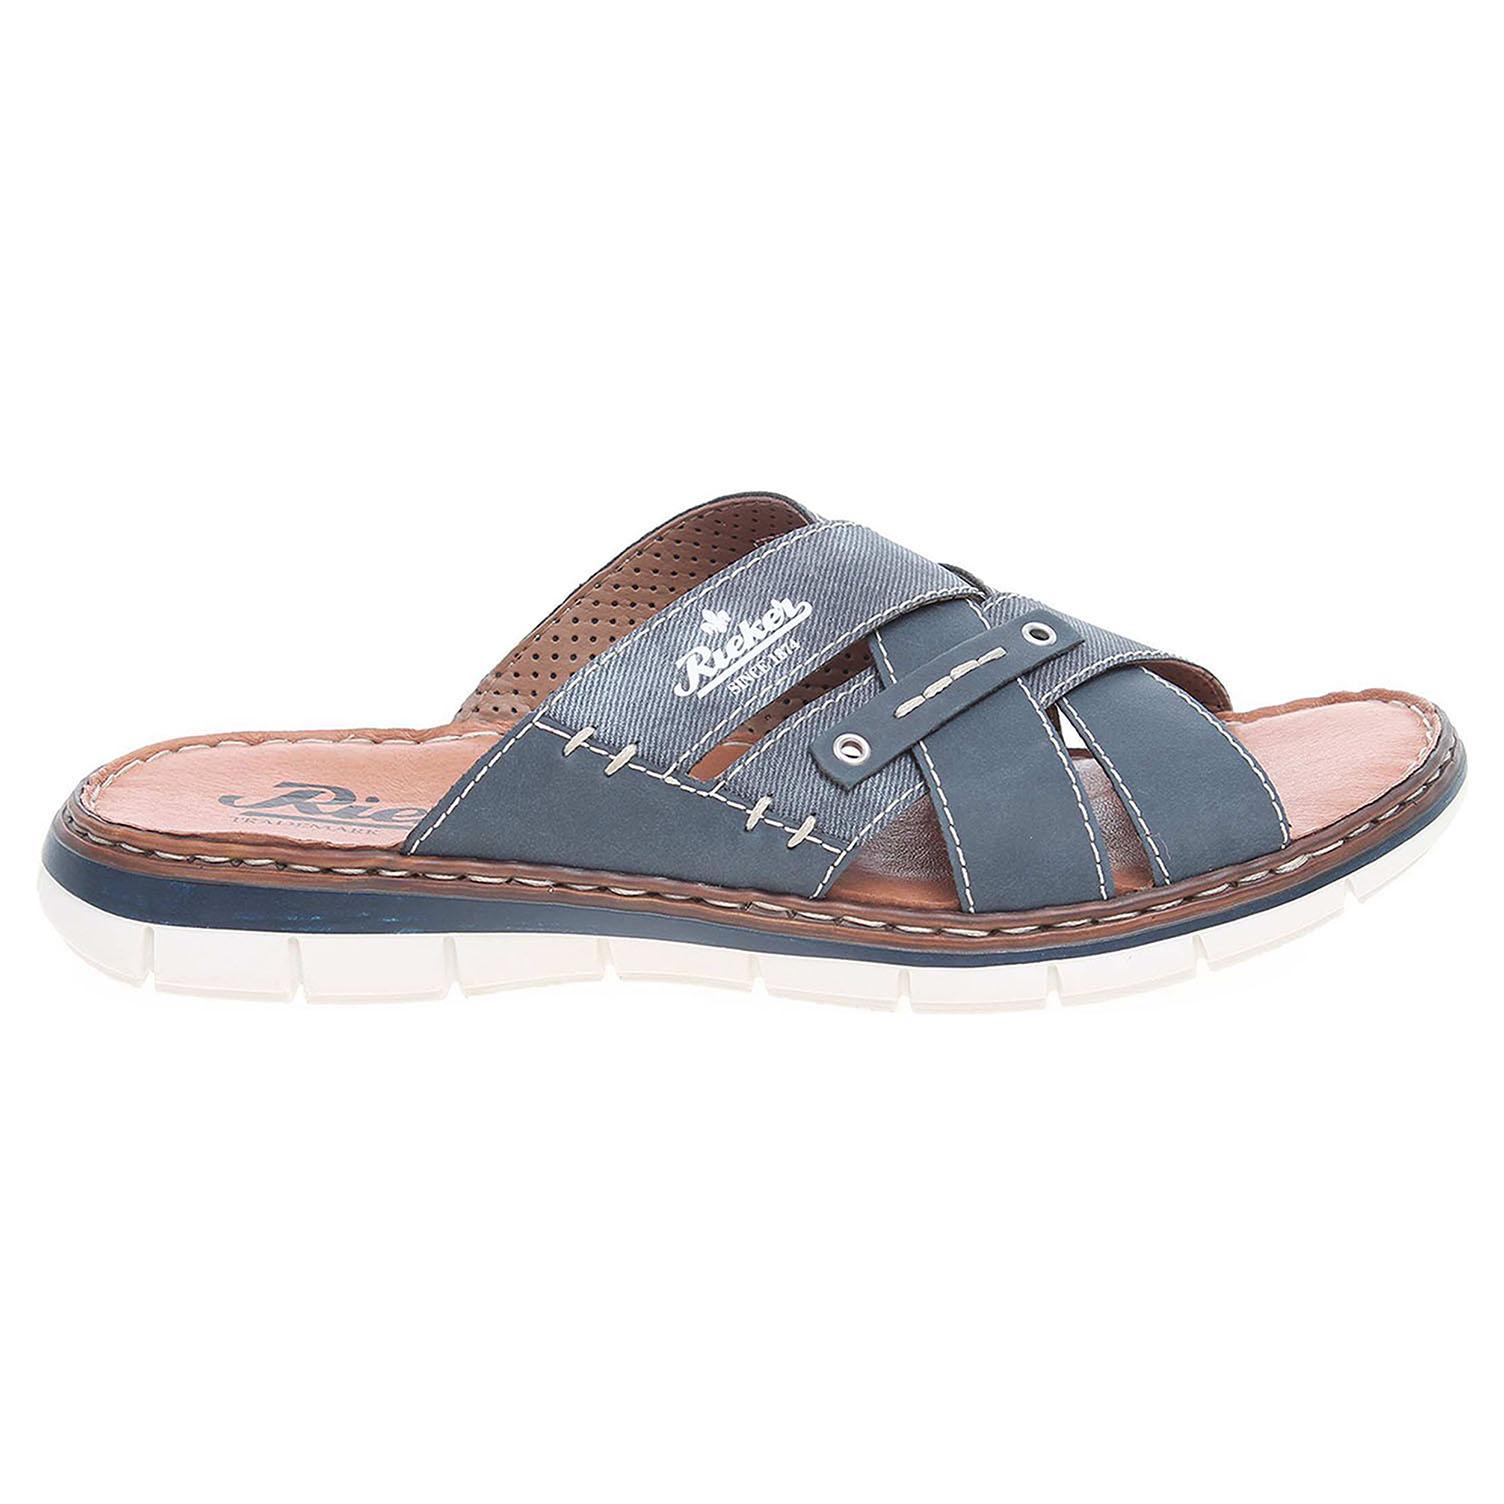 Rieker pánské pantofle 25199-14 modré 40